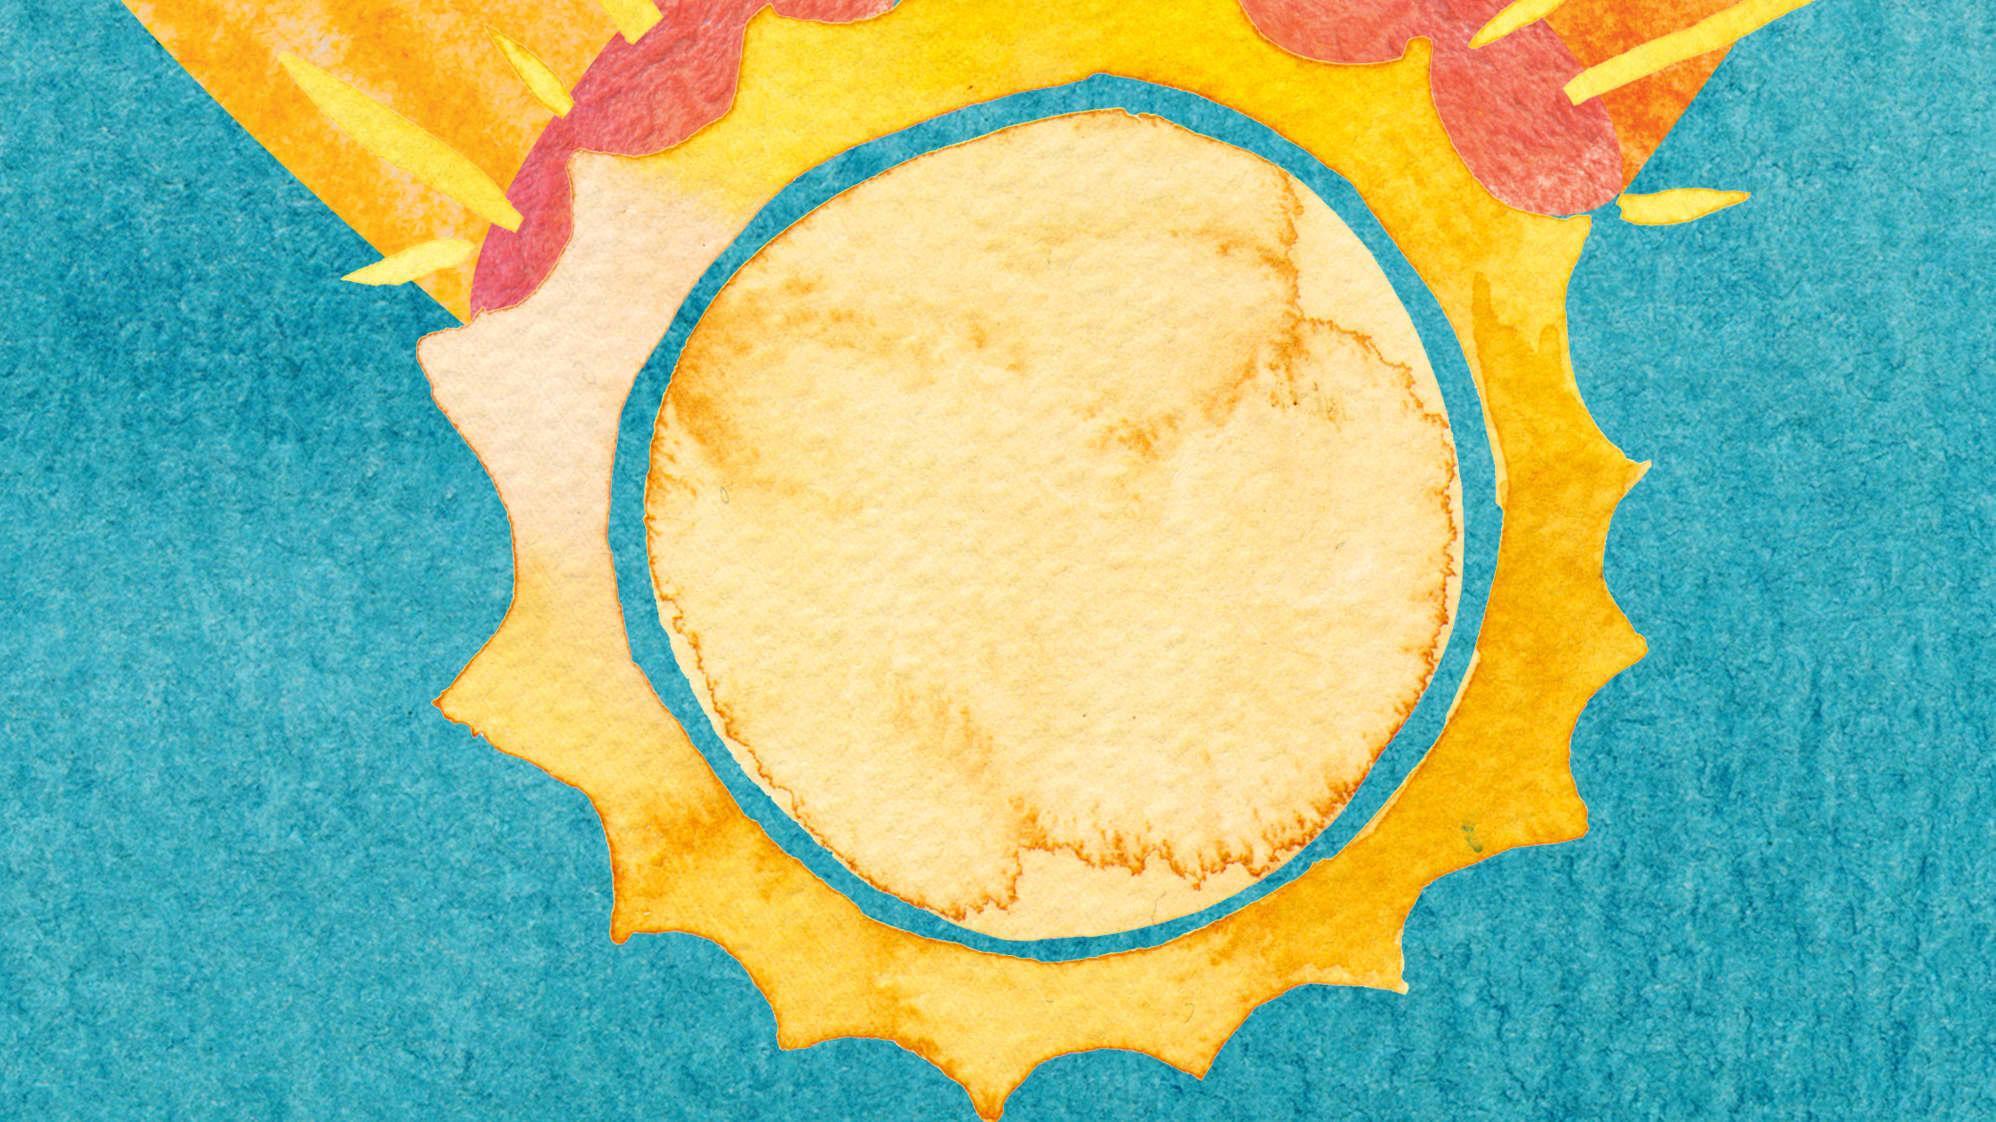 Artwork depicting sun in a capsule, representing vitamin D